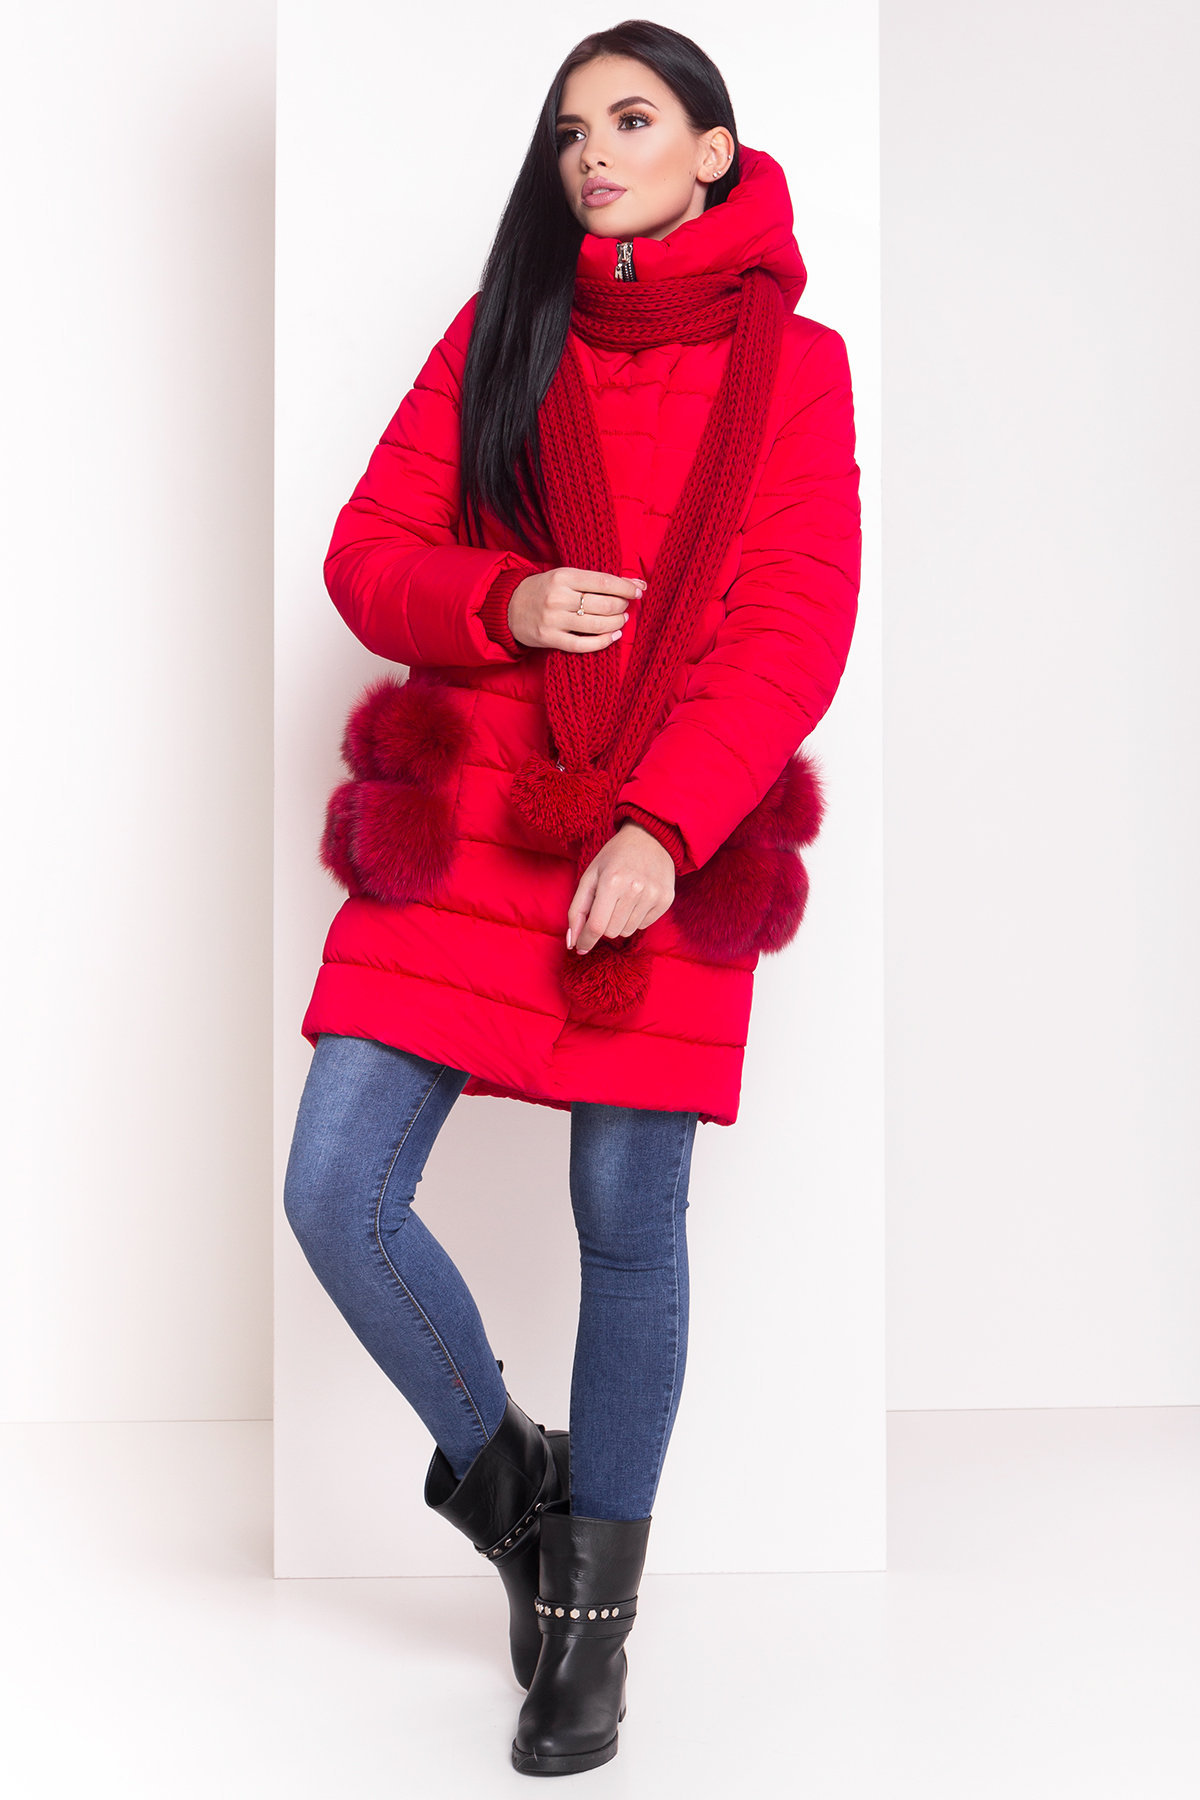 Зимний пуховик прямого кроя Лили Канада 8363 АРТ. 44554 Цвет: Красный - фото 1, интернет магазин tm-modus.ru